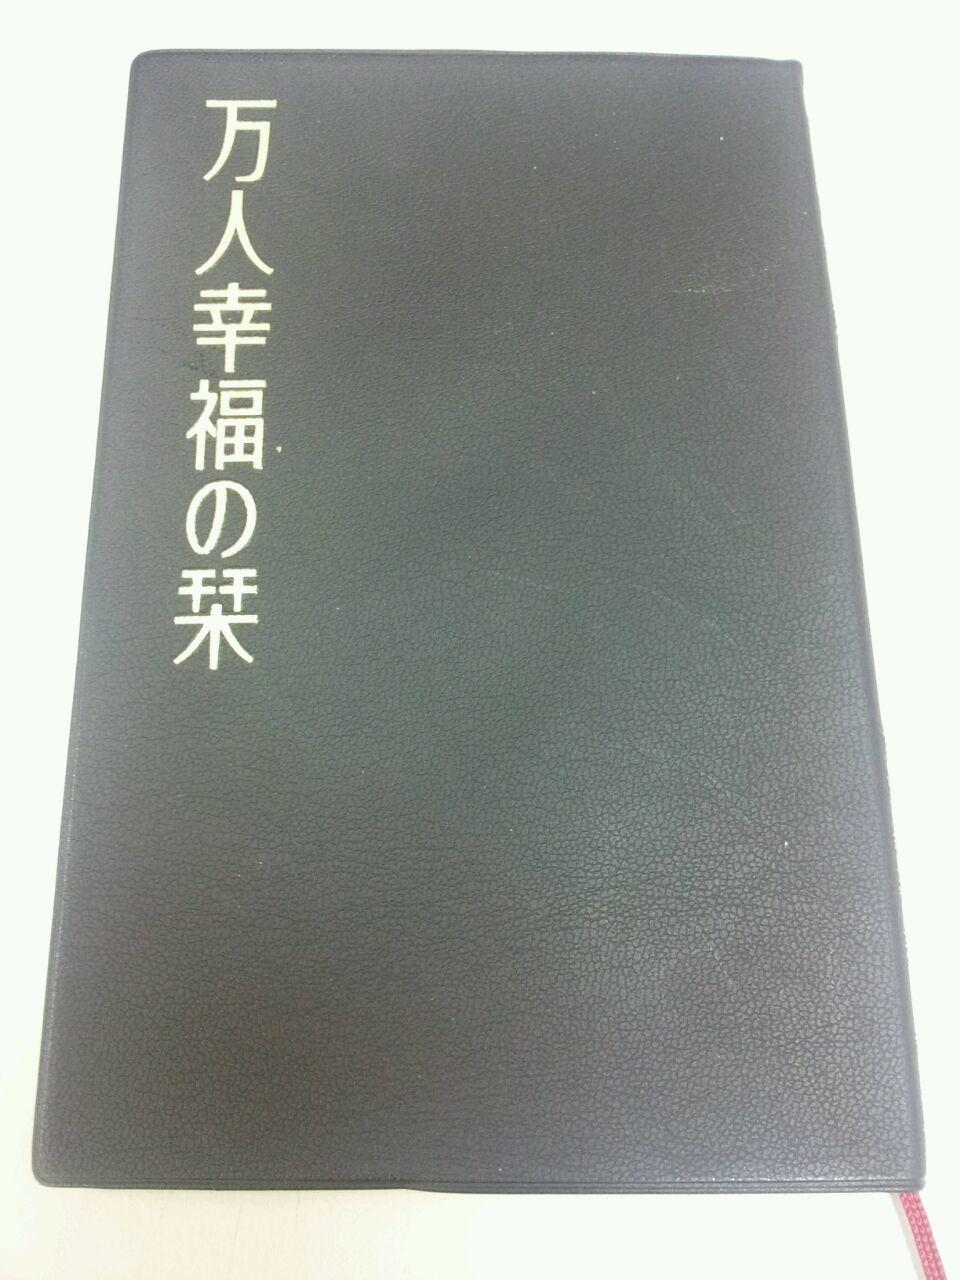 教団 ひと 倫理 みち 所 の 研究 丸山敏雄ウェブ|59年の足跡|丸山敏雄小伝